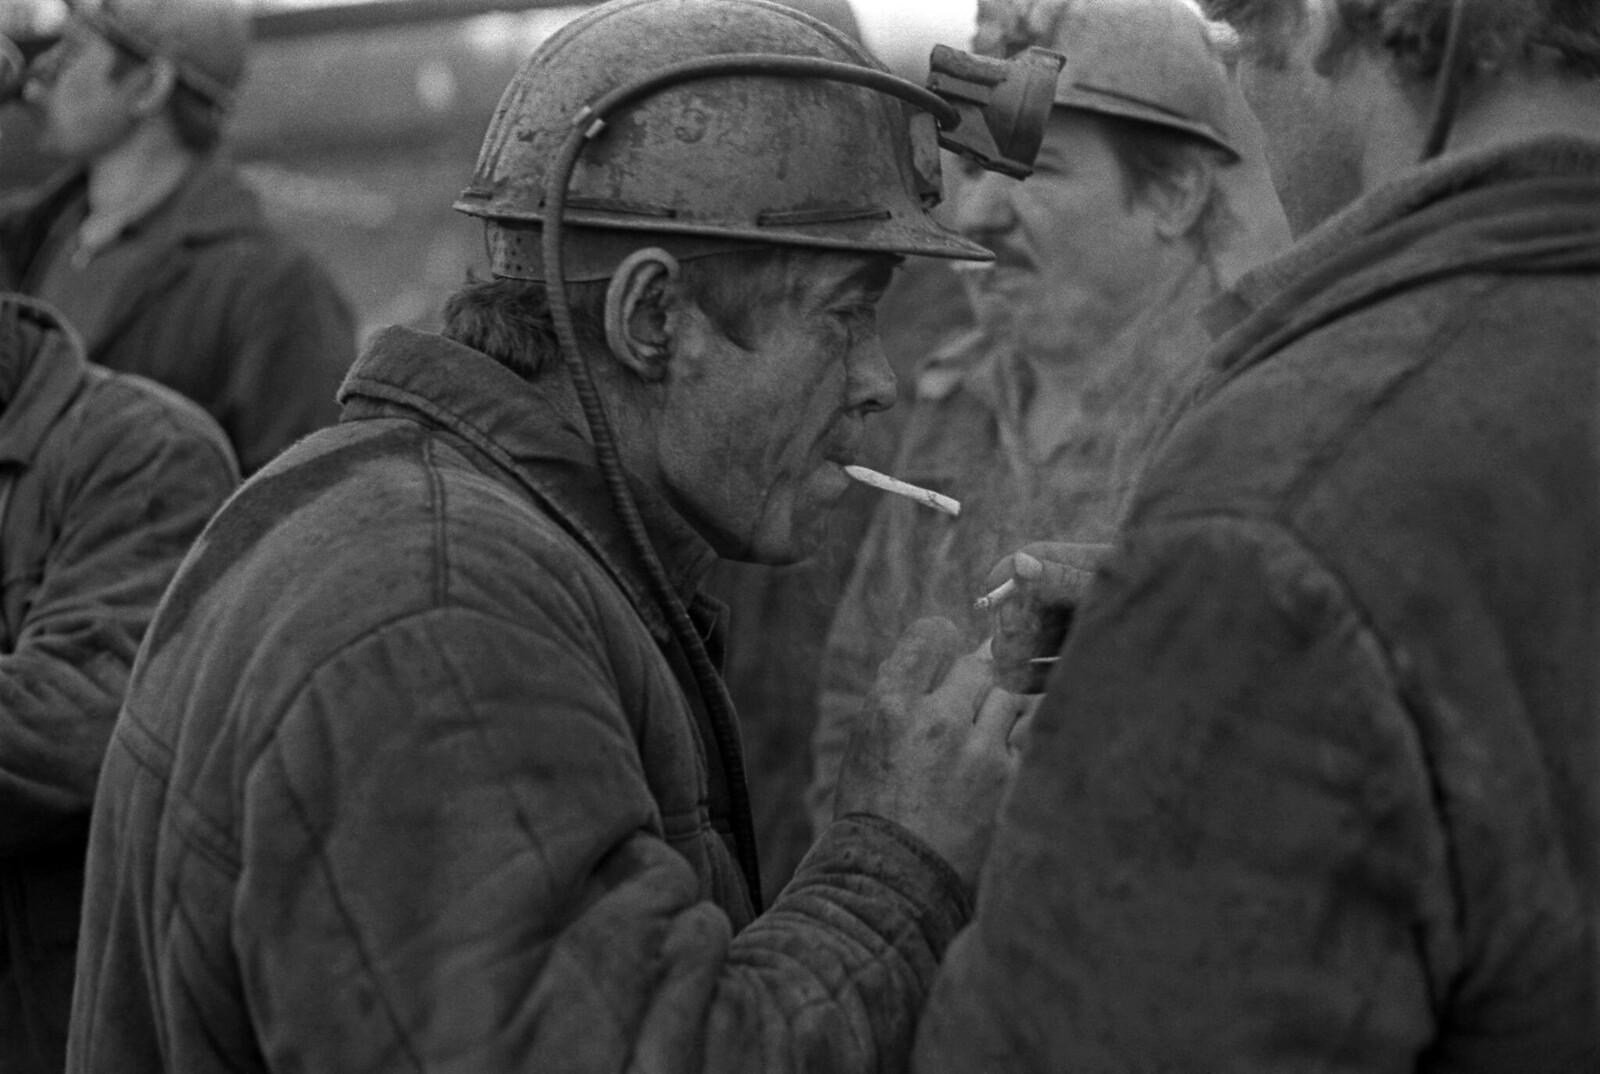 1980. «Давай закурим!». Шахтер из Чегдомыни, Бурейский угольный бассейн